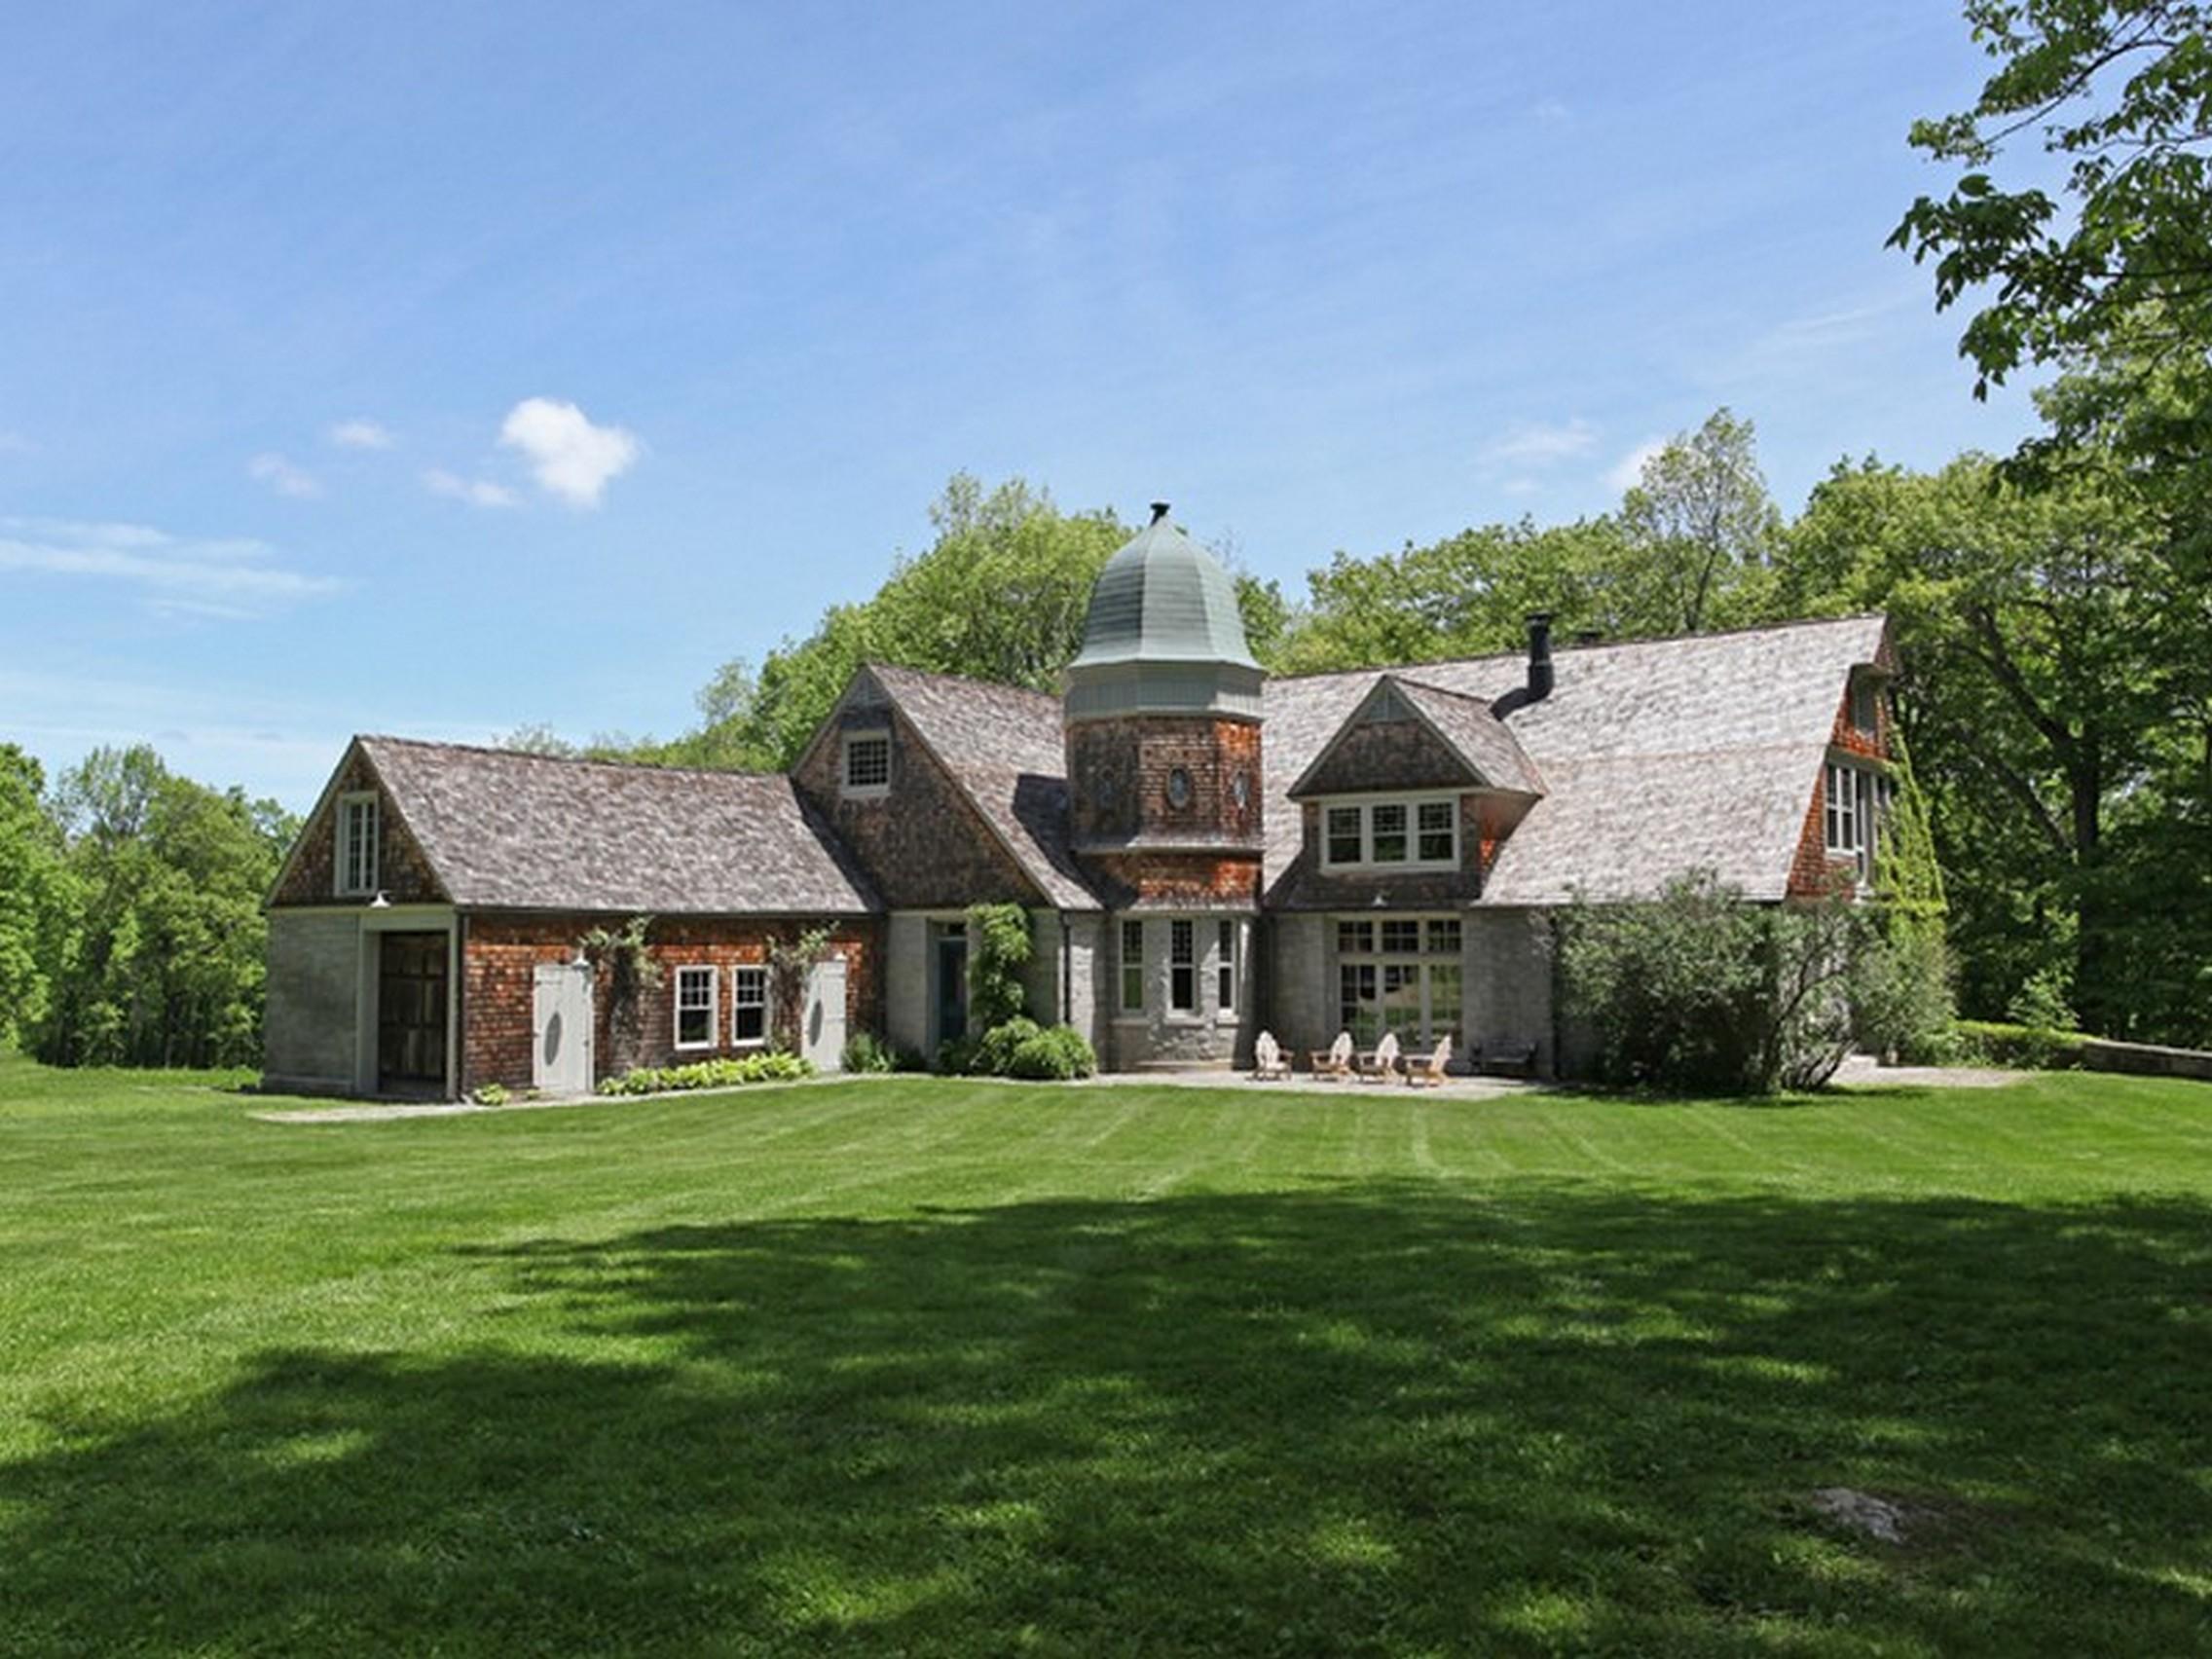 独户住宅 为 销售 在 1880 Carriage Barn 412 North Lake Street 利奇菲尔德, 康涅狄格州, 06759 美国